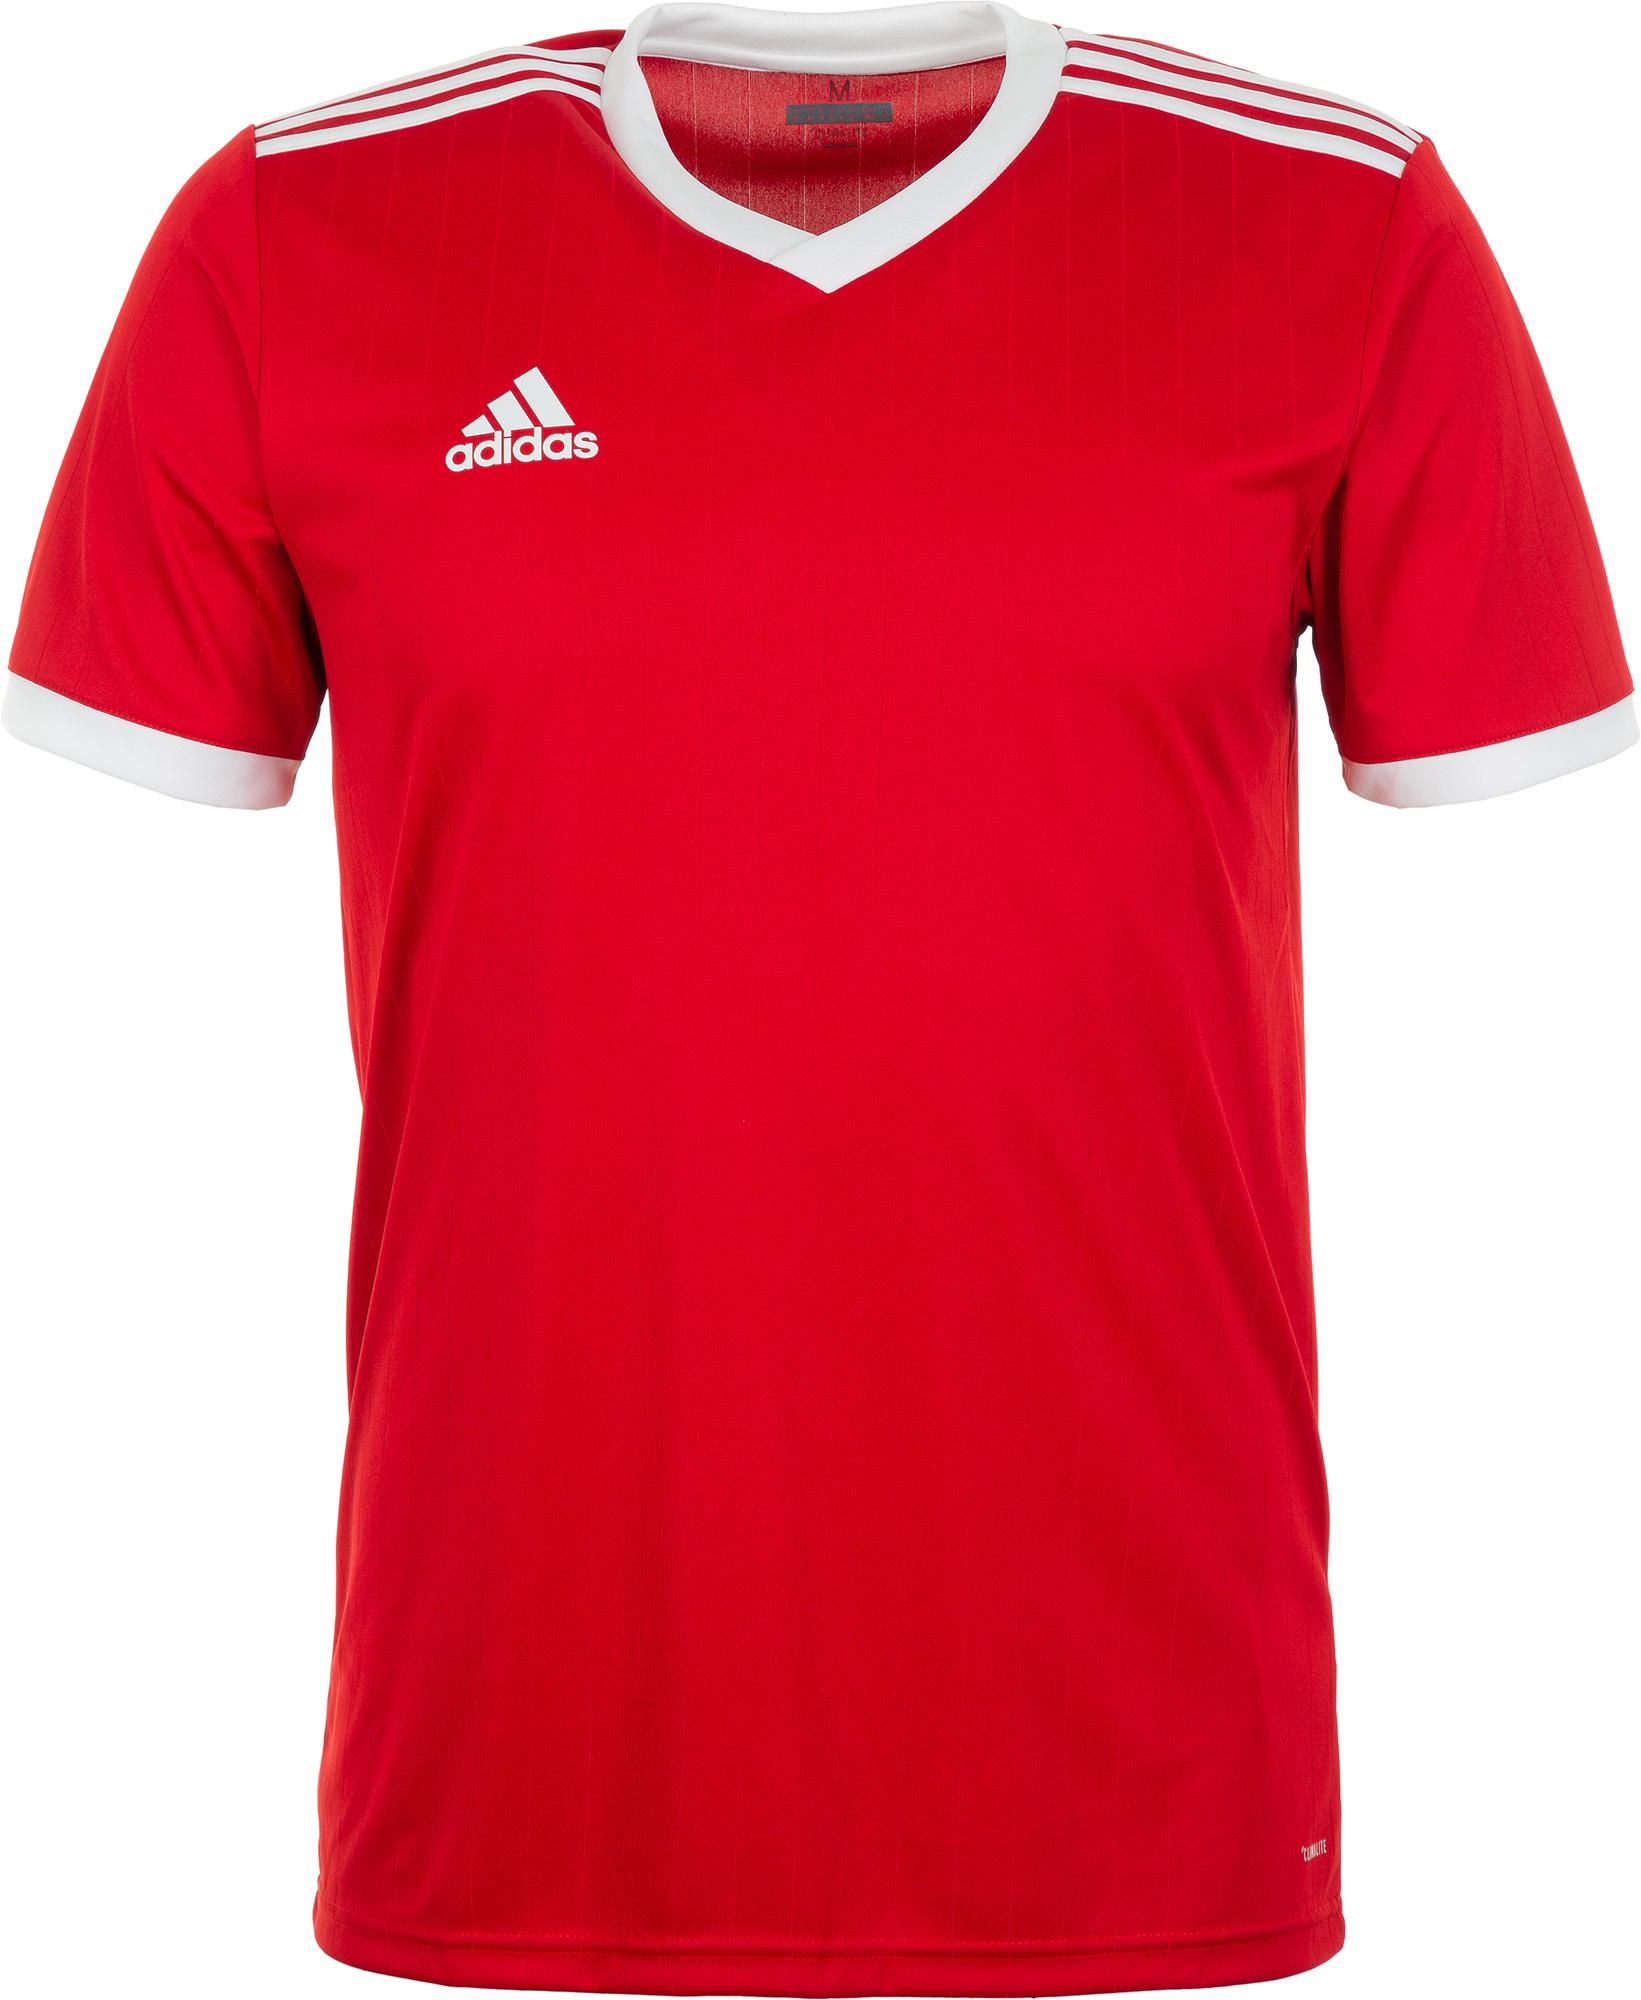 цены Adidas Футболка мужская Adidas Tabela 18, размер XL